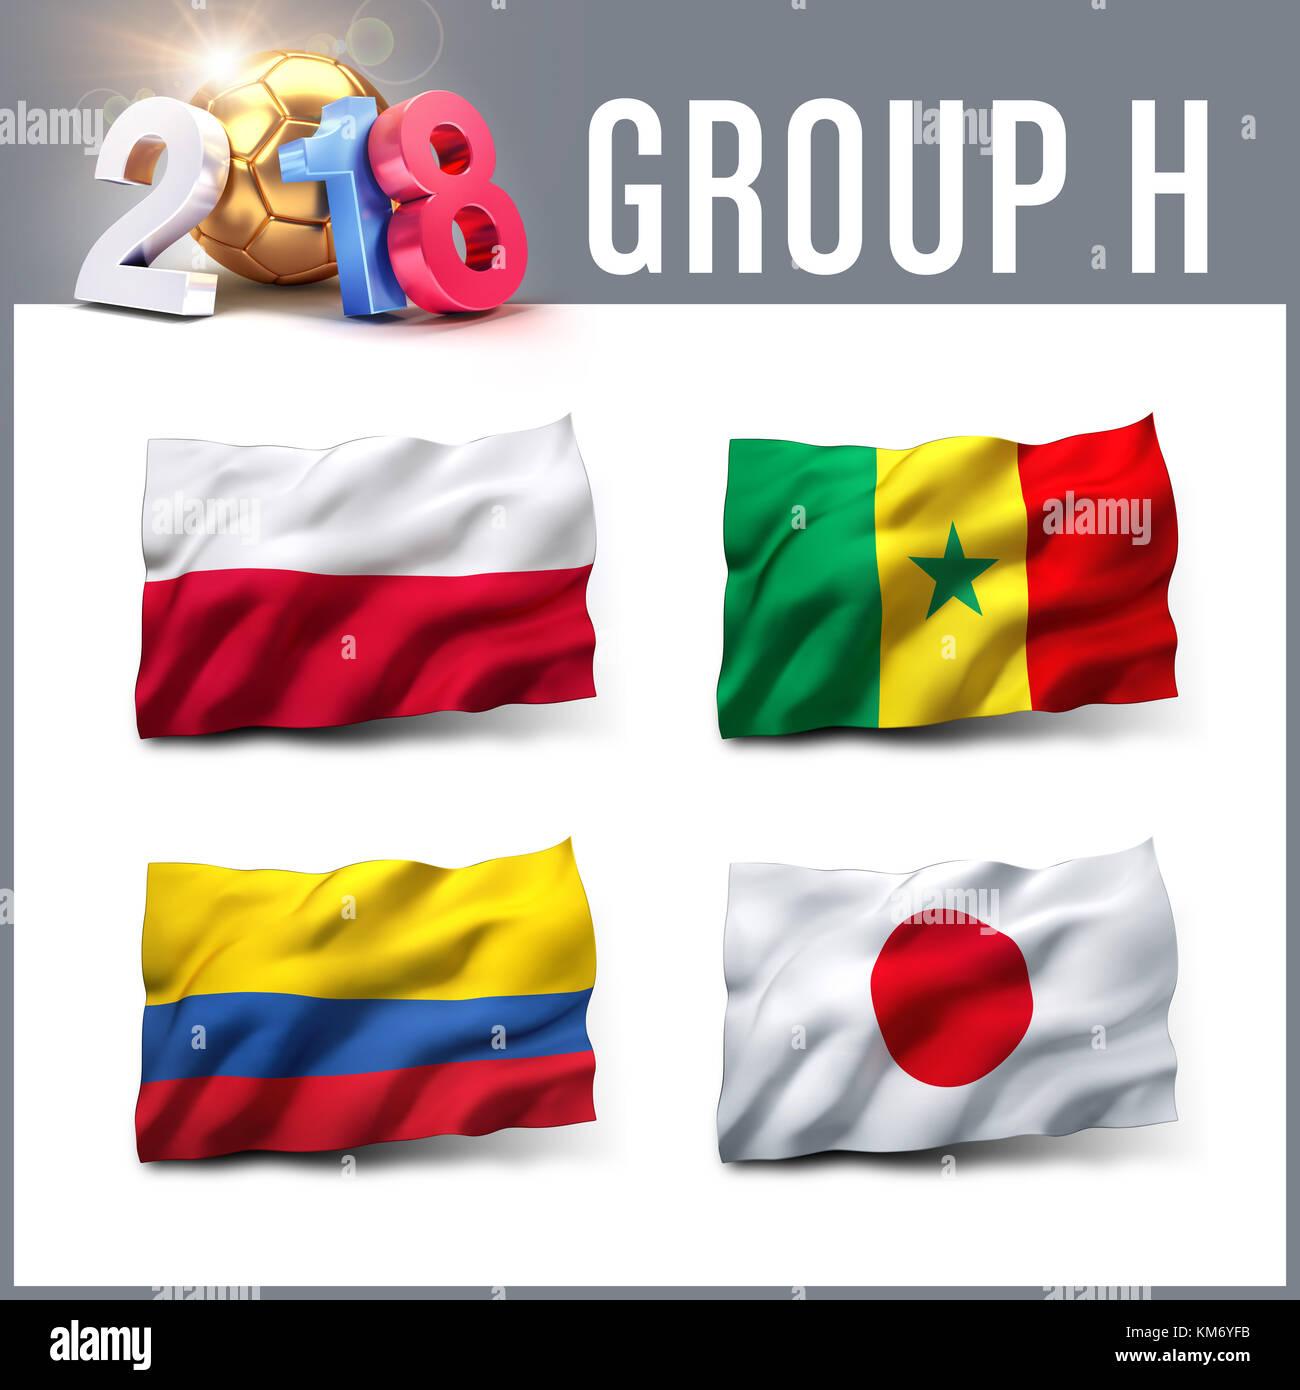 Rusia 2018 Grupo H de calificación con el equipo de banderas. Competición internacional de fútbol. Imagen De Stock